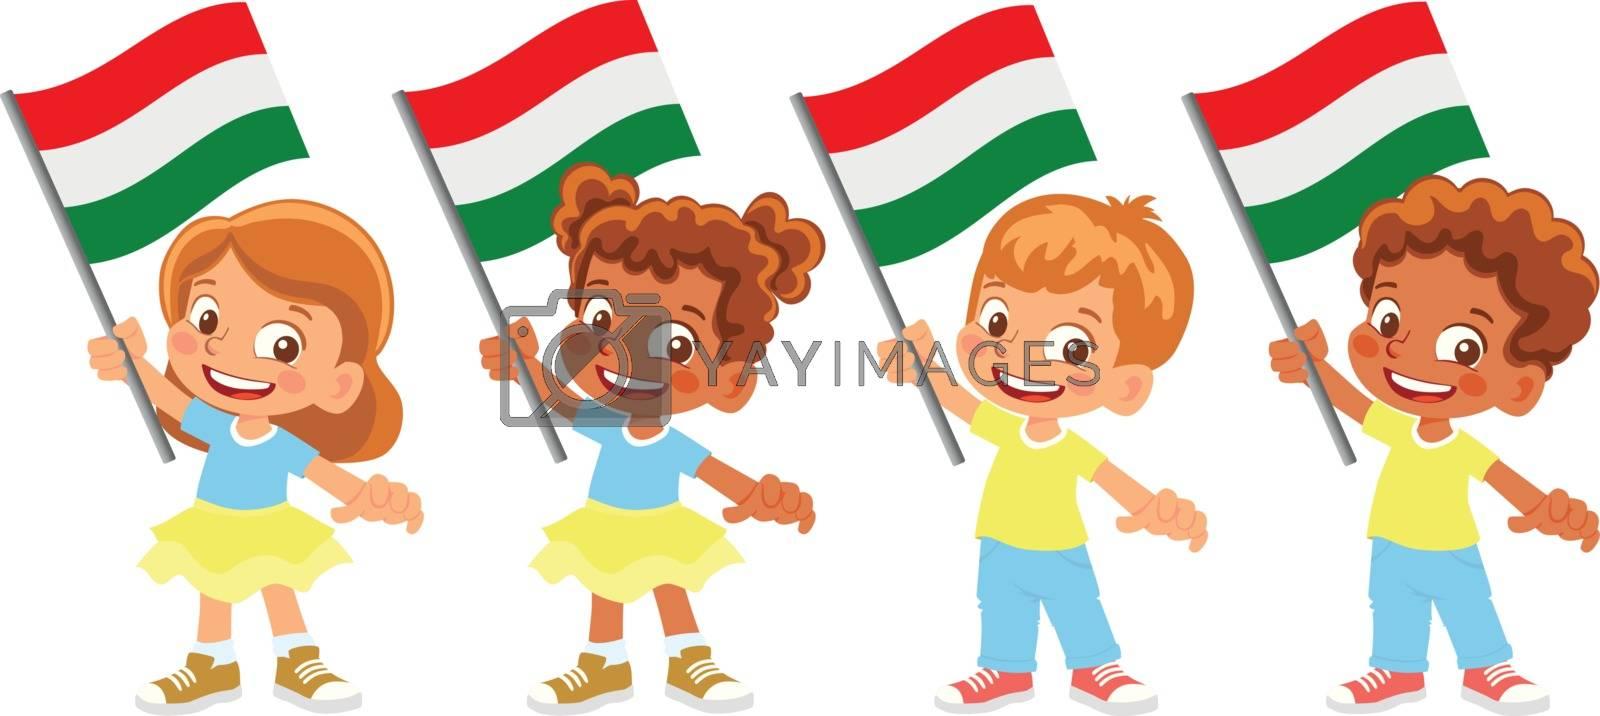 Hungary flag in hand. Children holding flag. National flag of Hungary vector